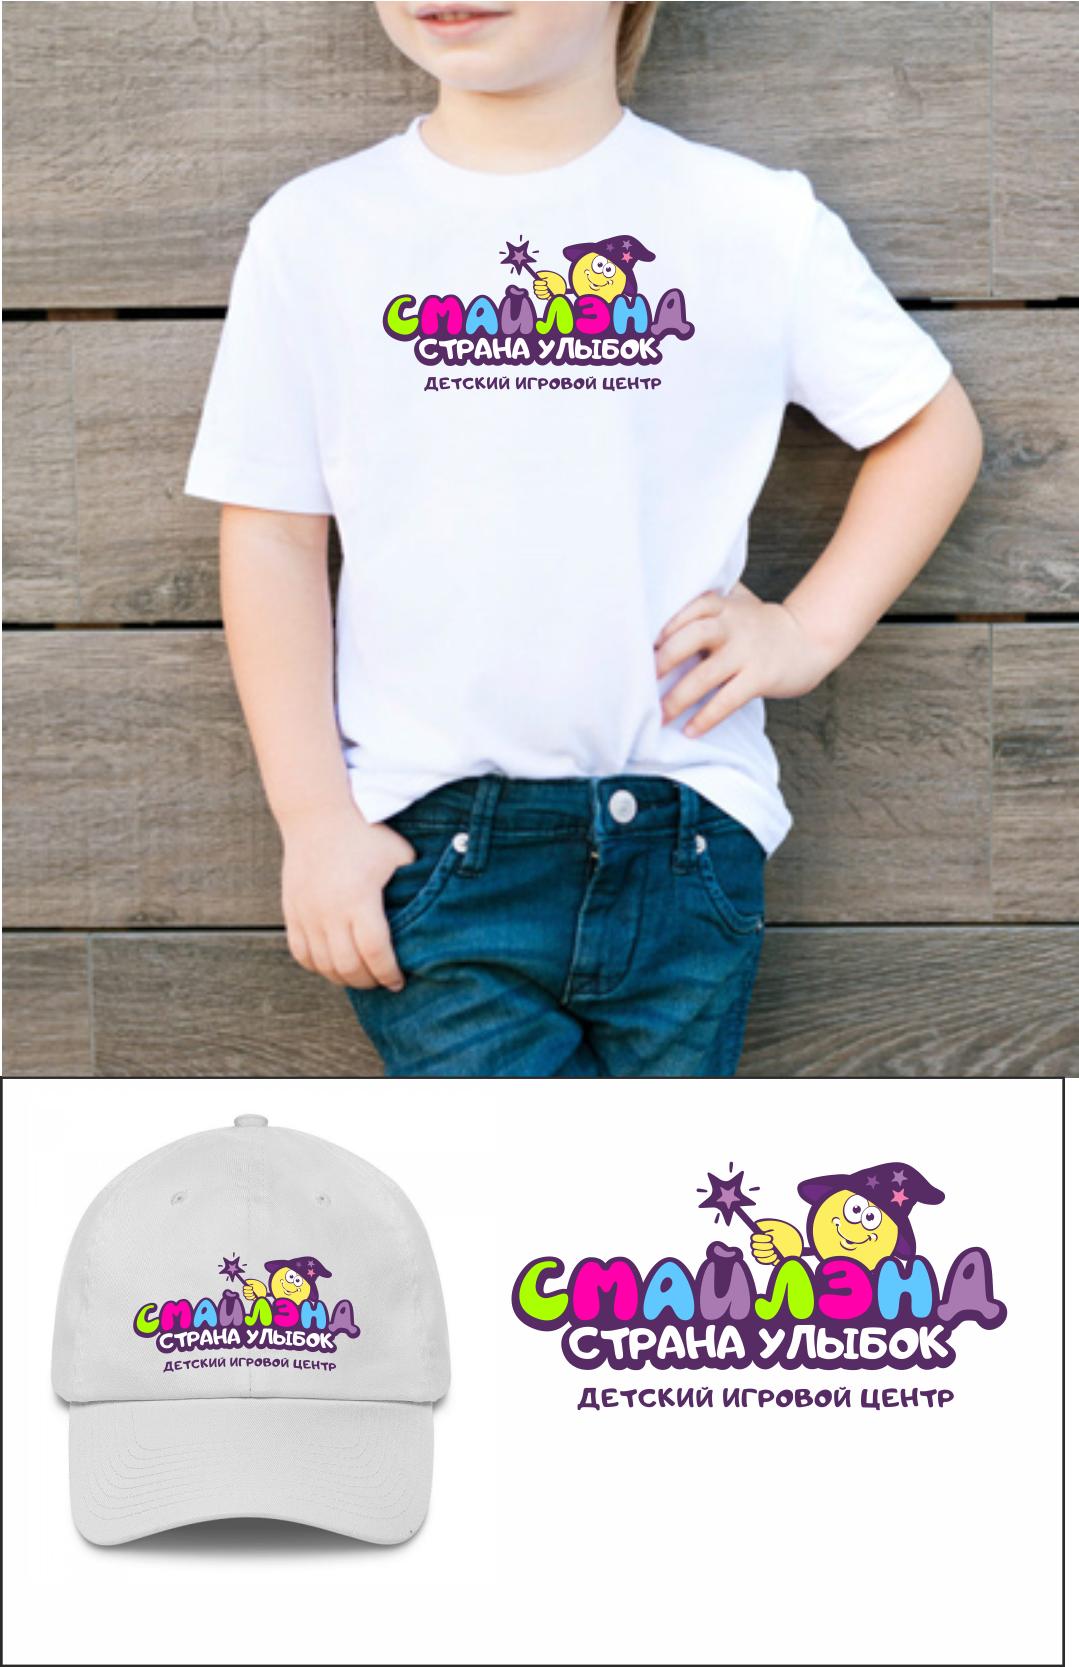 Логотип, стиль для детского игрового центра. фото f_3555a46e01d02b00.png